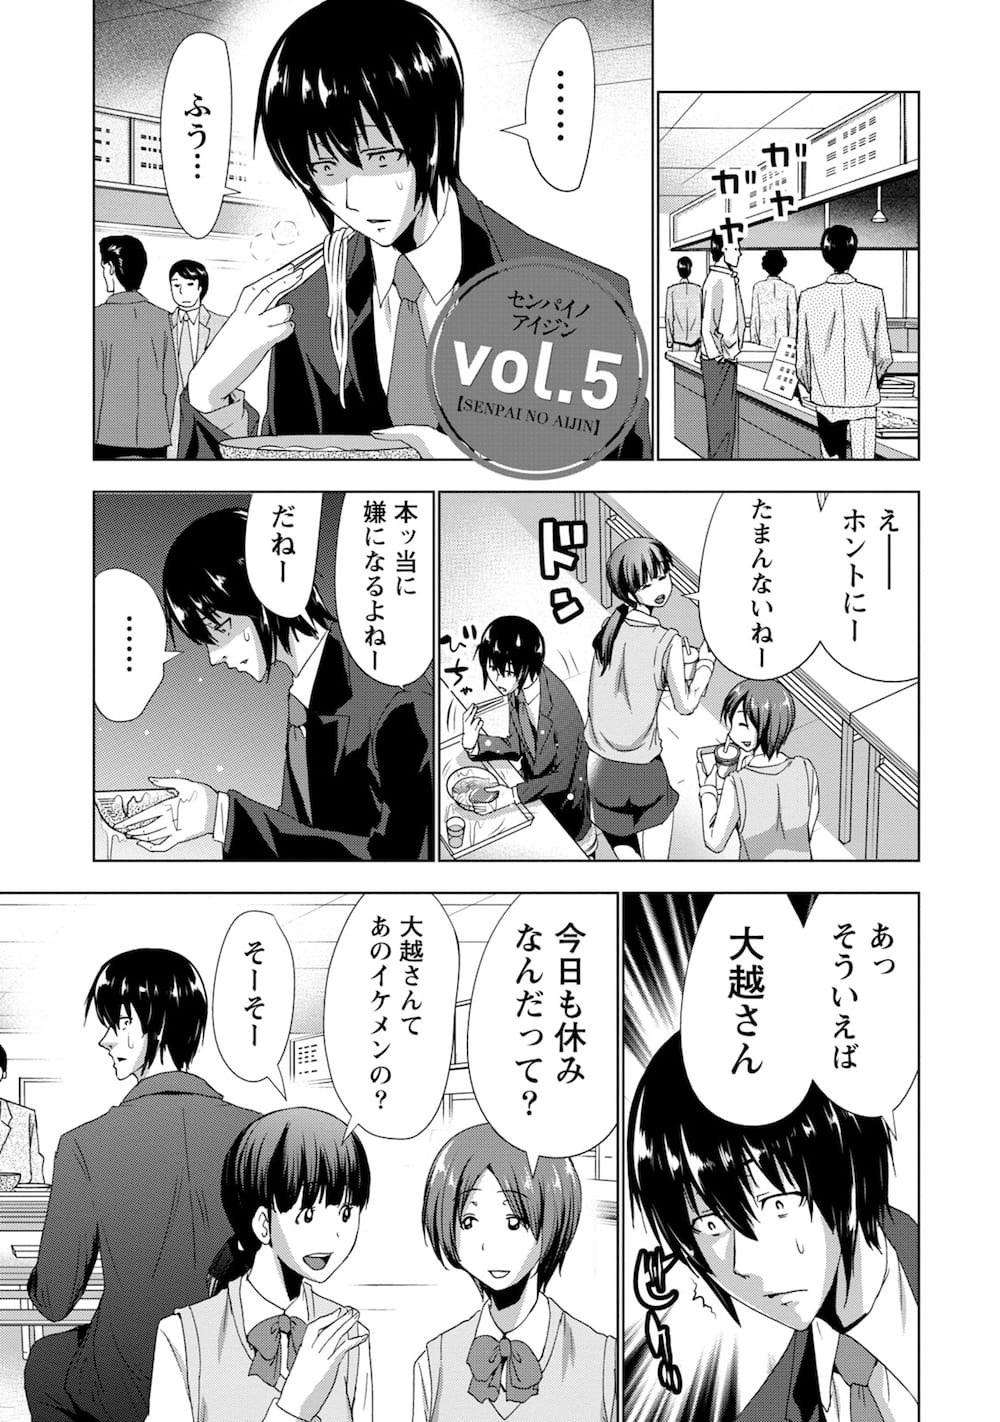 【エロ同人・エロ漫画】先輩のセフレと会社で強引にセックスwww